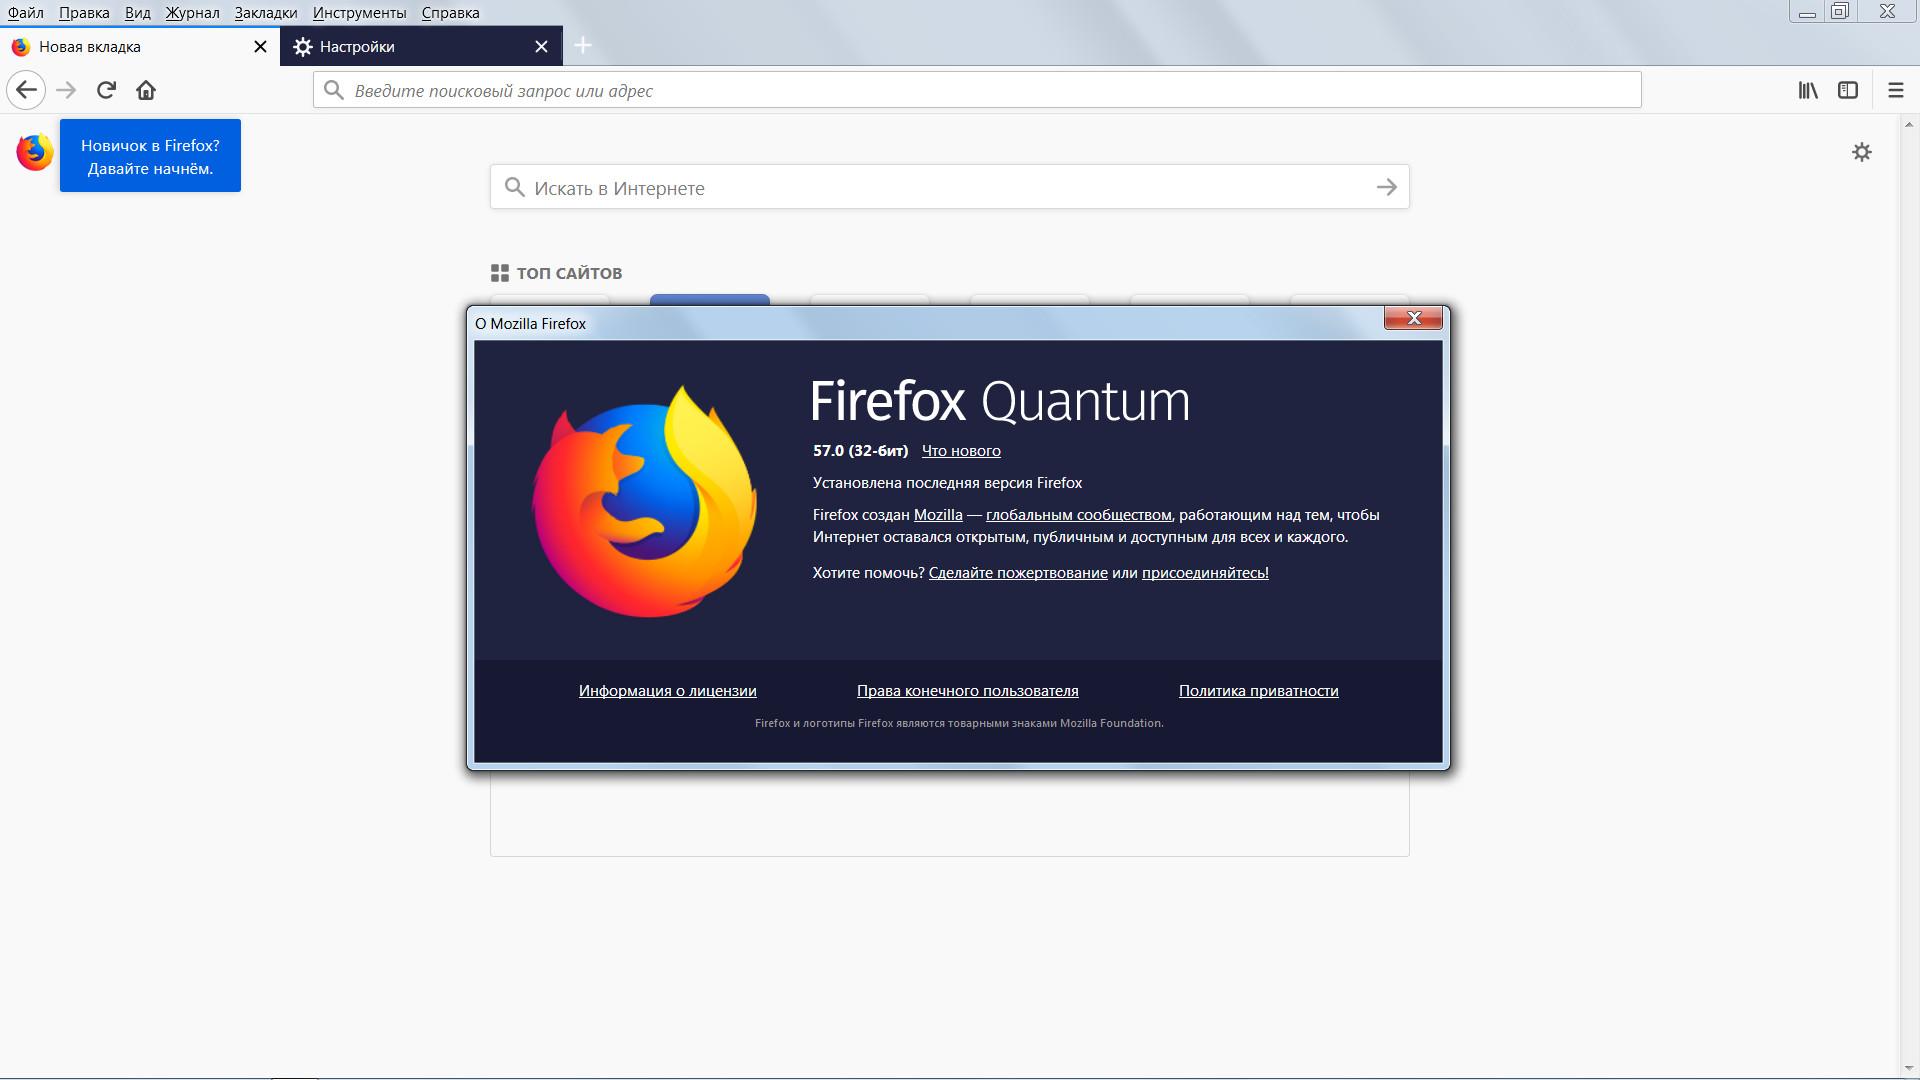 Mozilla Firefox Quantum 58.0 Final (2018) РС